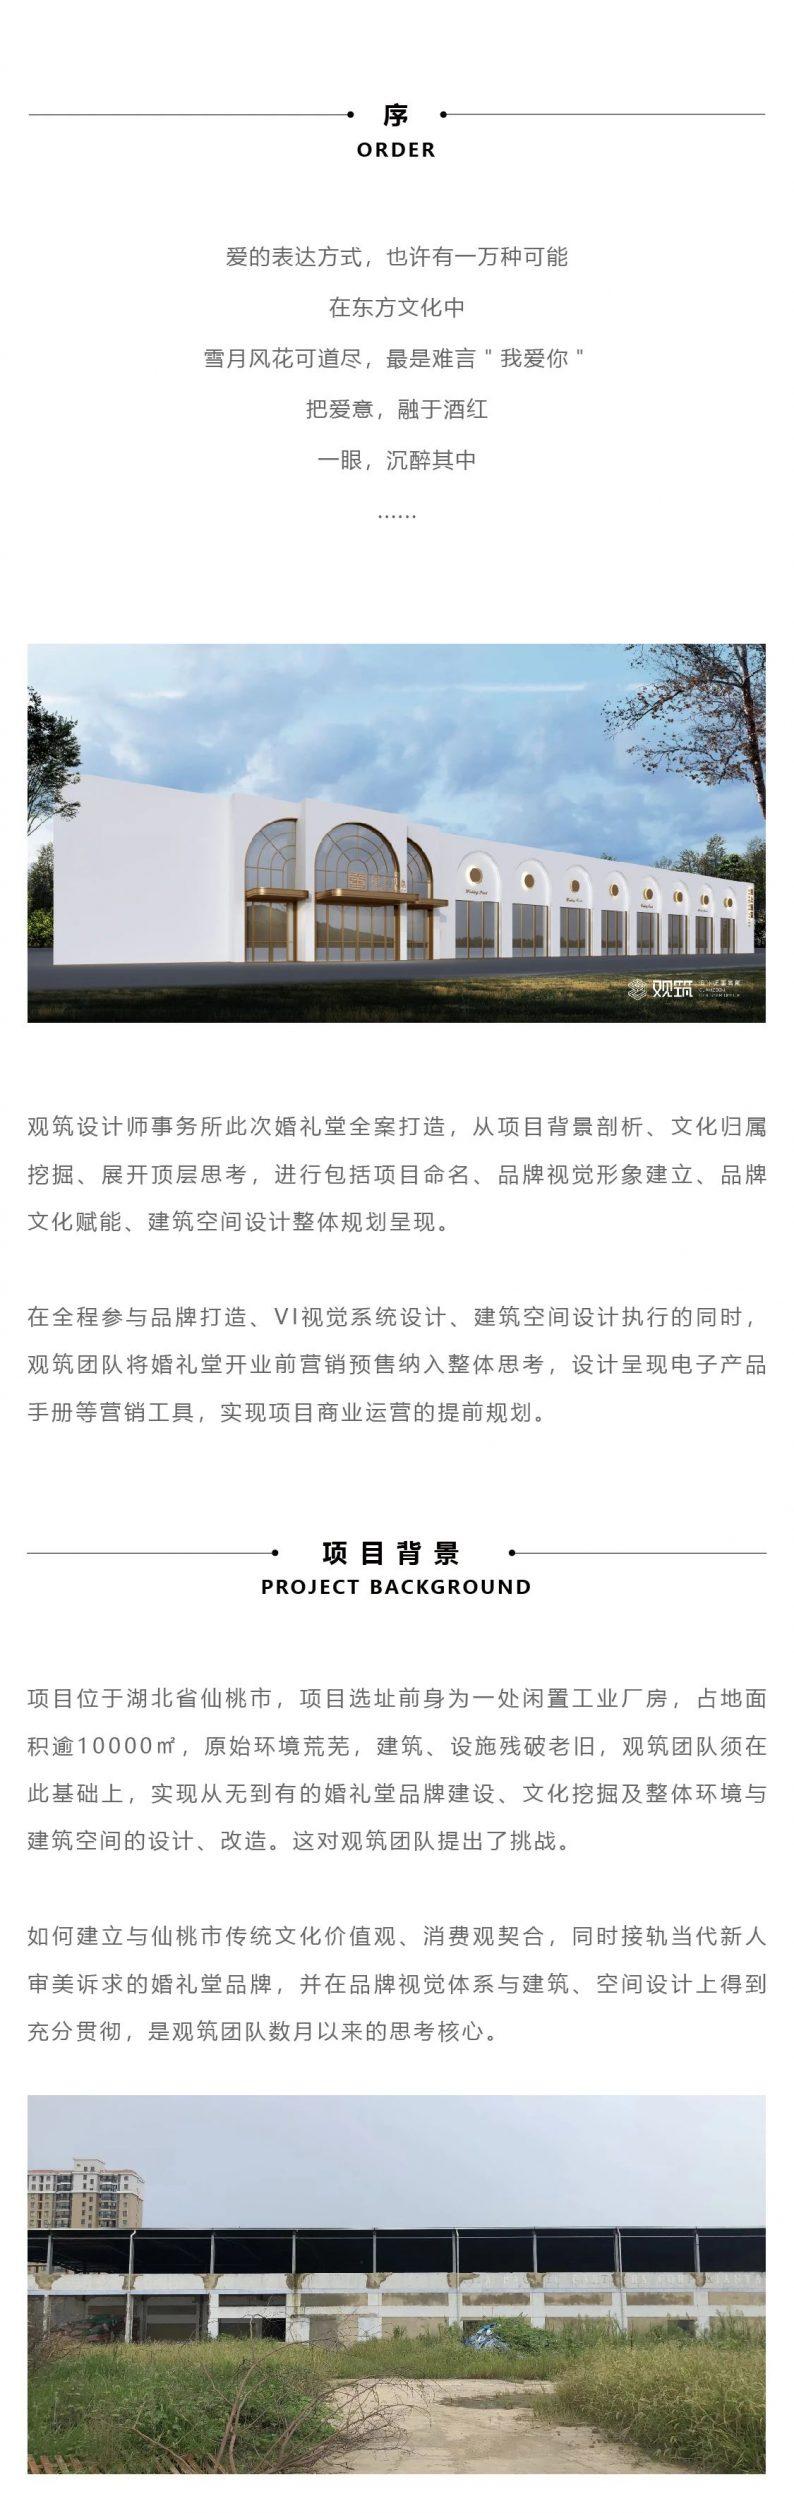 婚礼堂新力量!国家鼓励老旧厂区改造  第8张